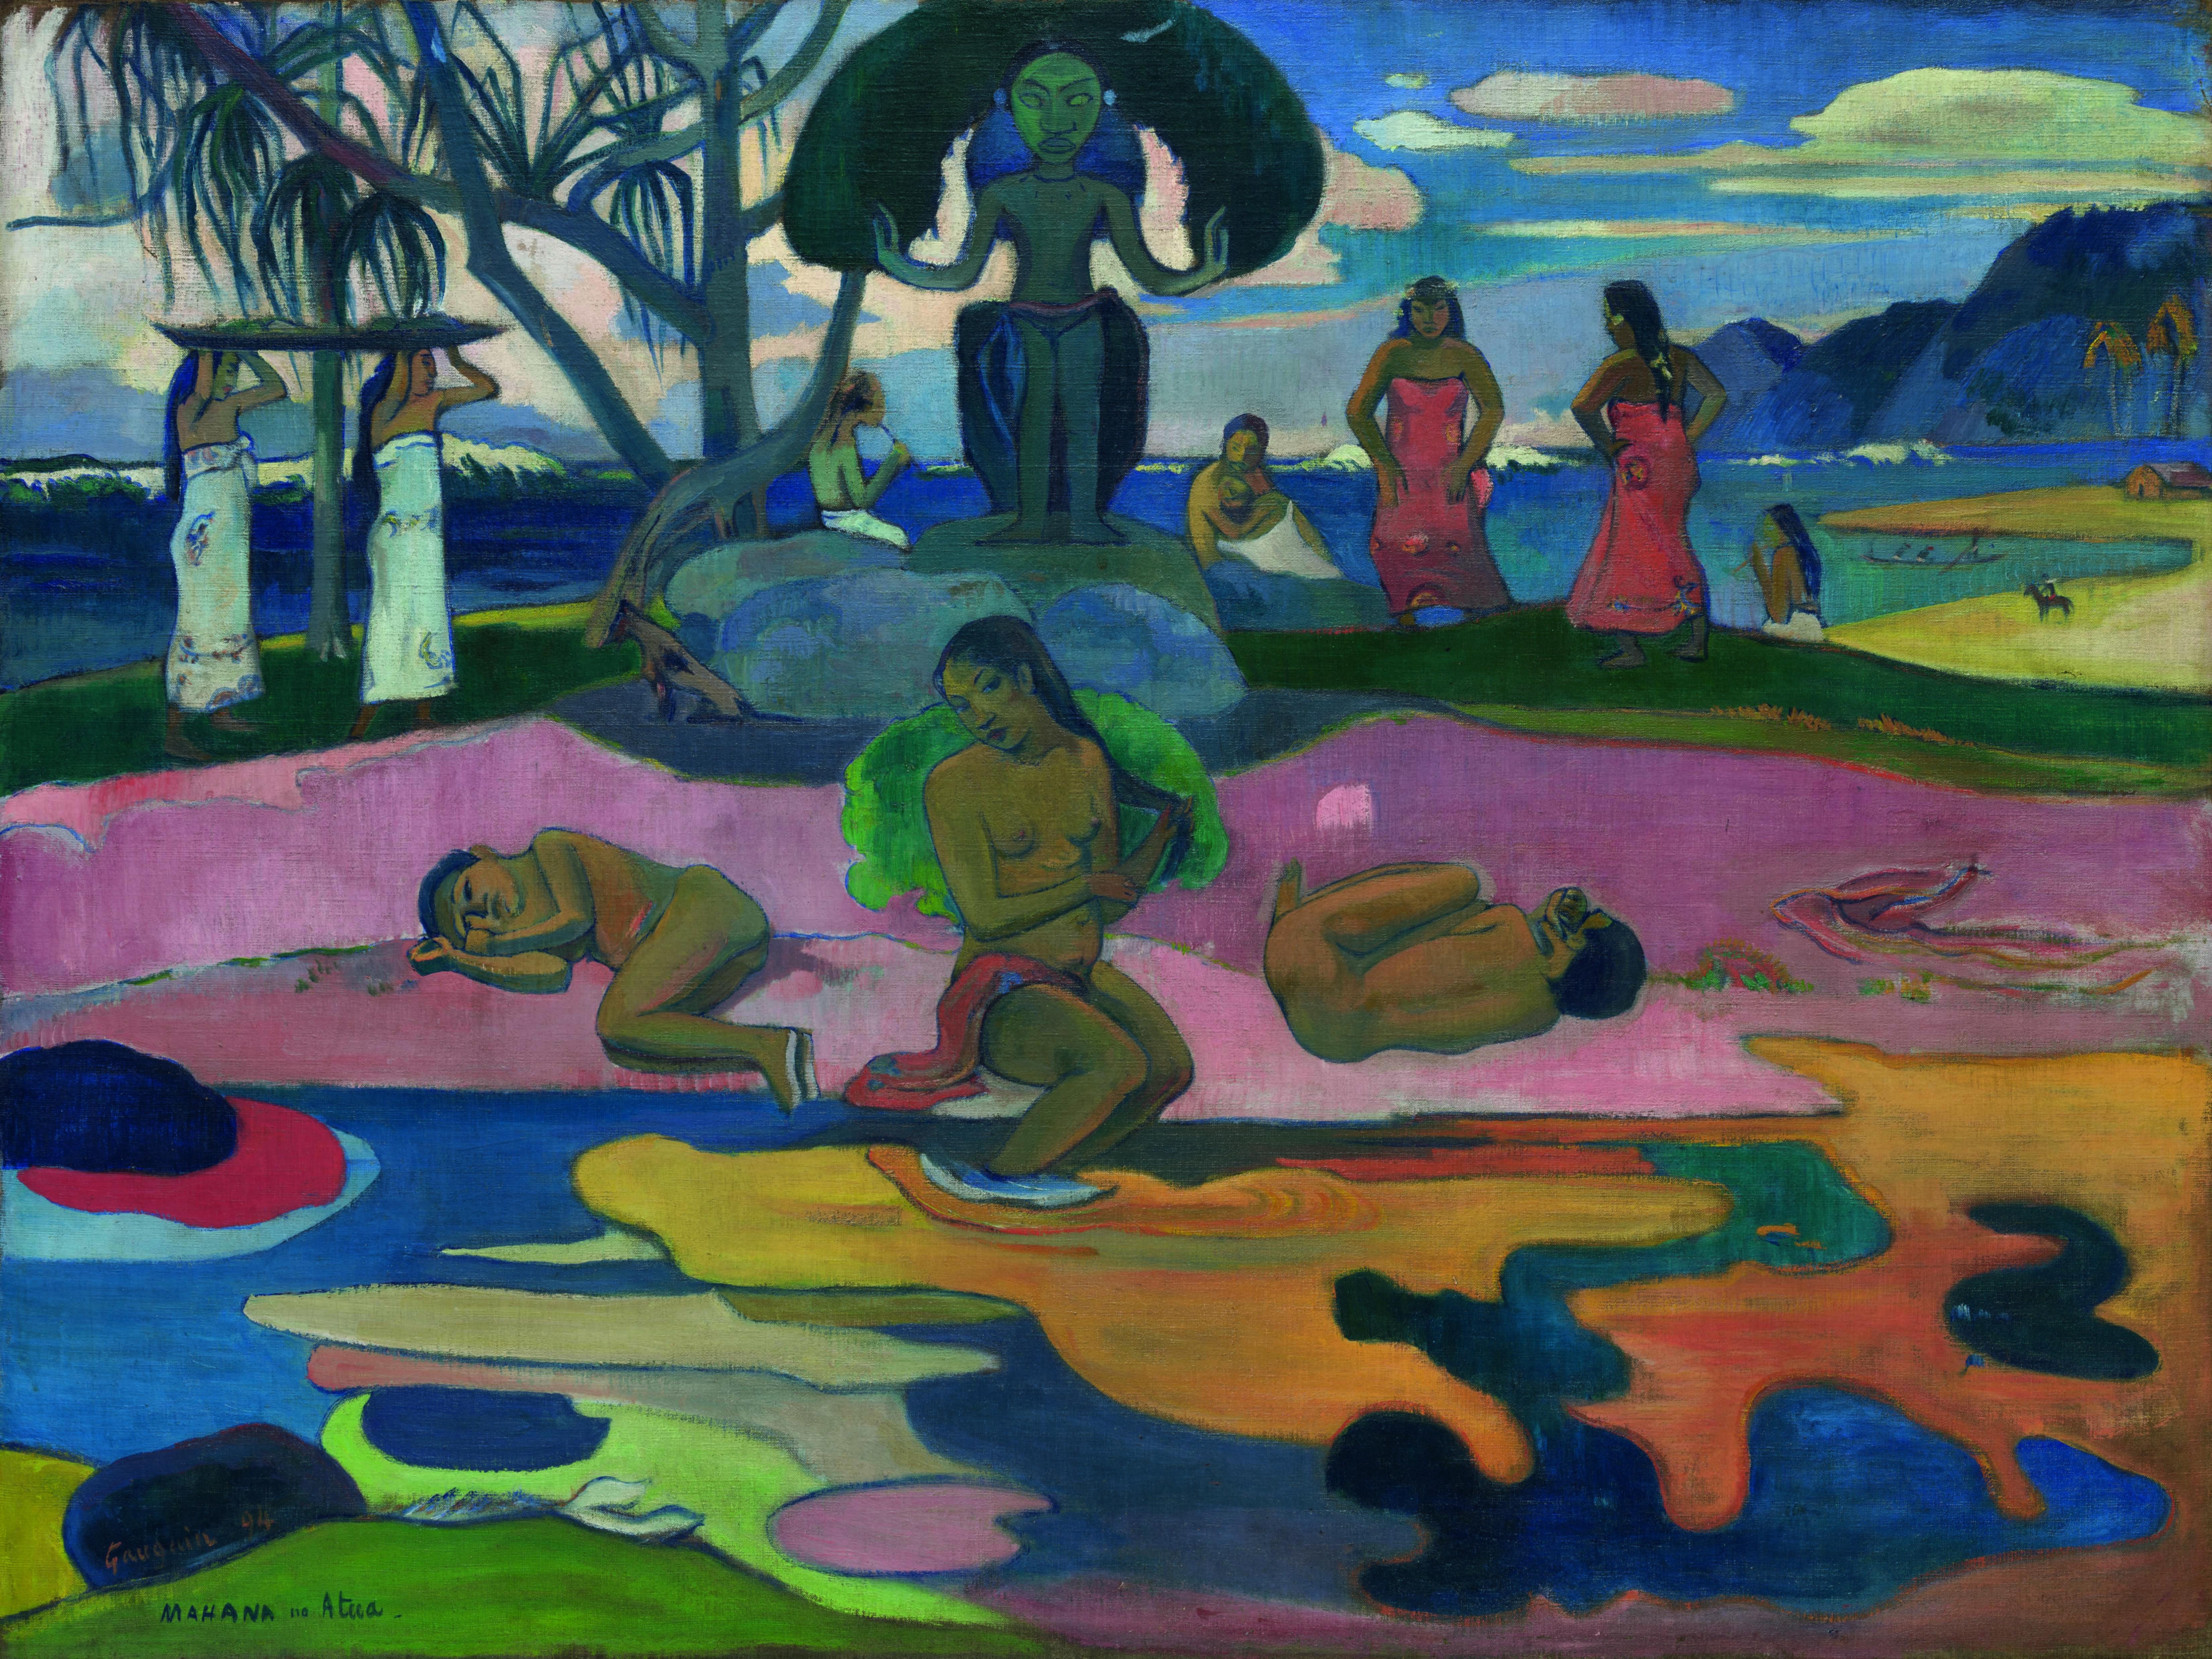 Paul Gauguin Mahana no Atua (Giorno di Dio), 1894 Olio su tela, cm 68,3 × 91,5 © The Art Institute of Chicago